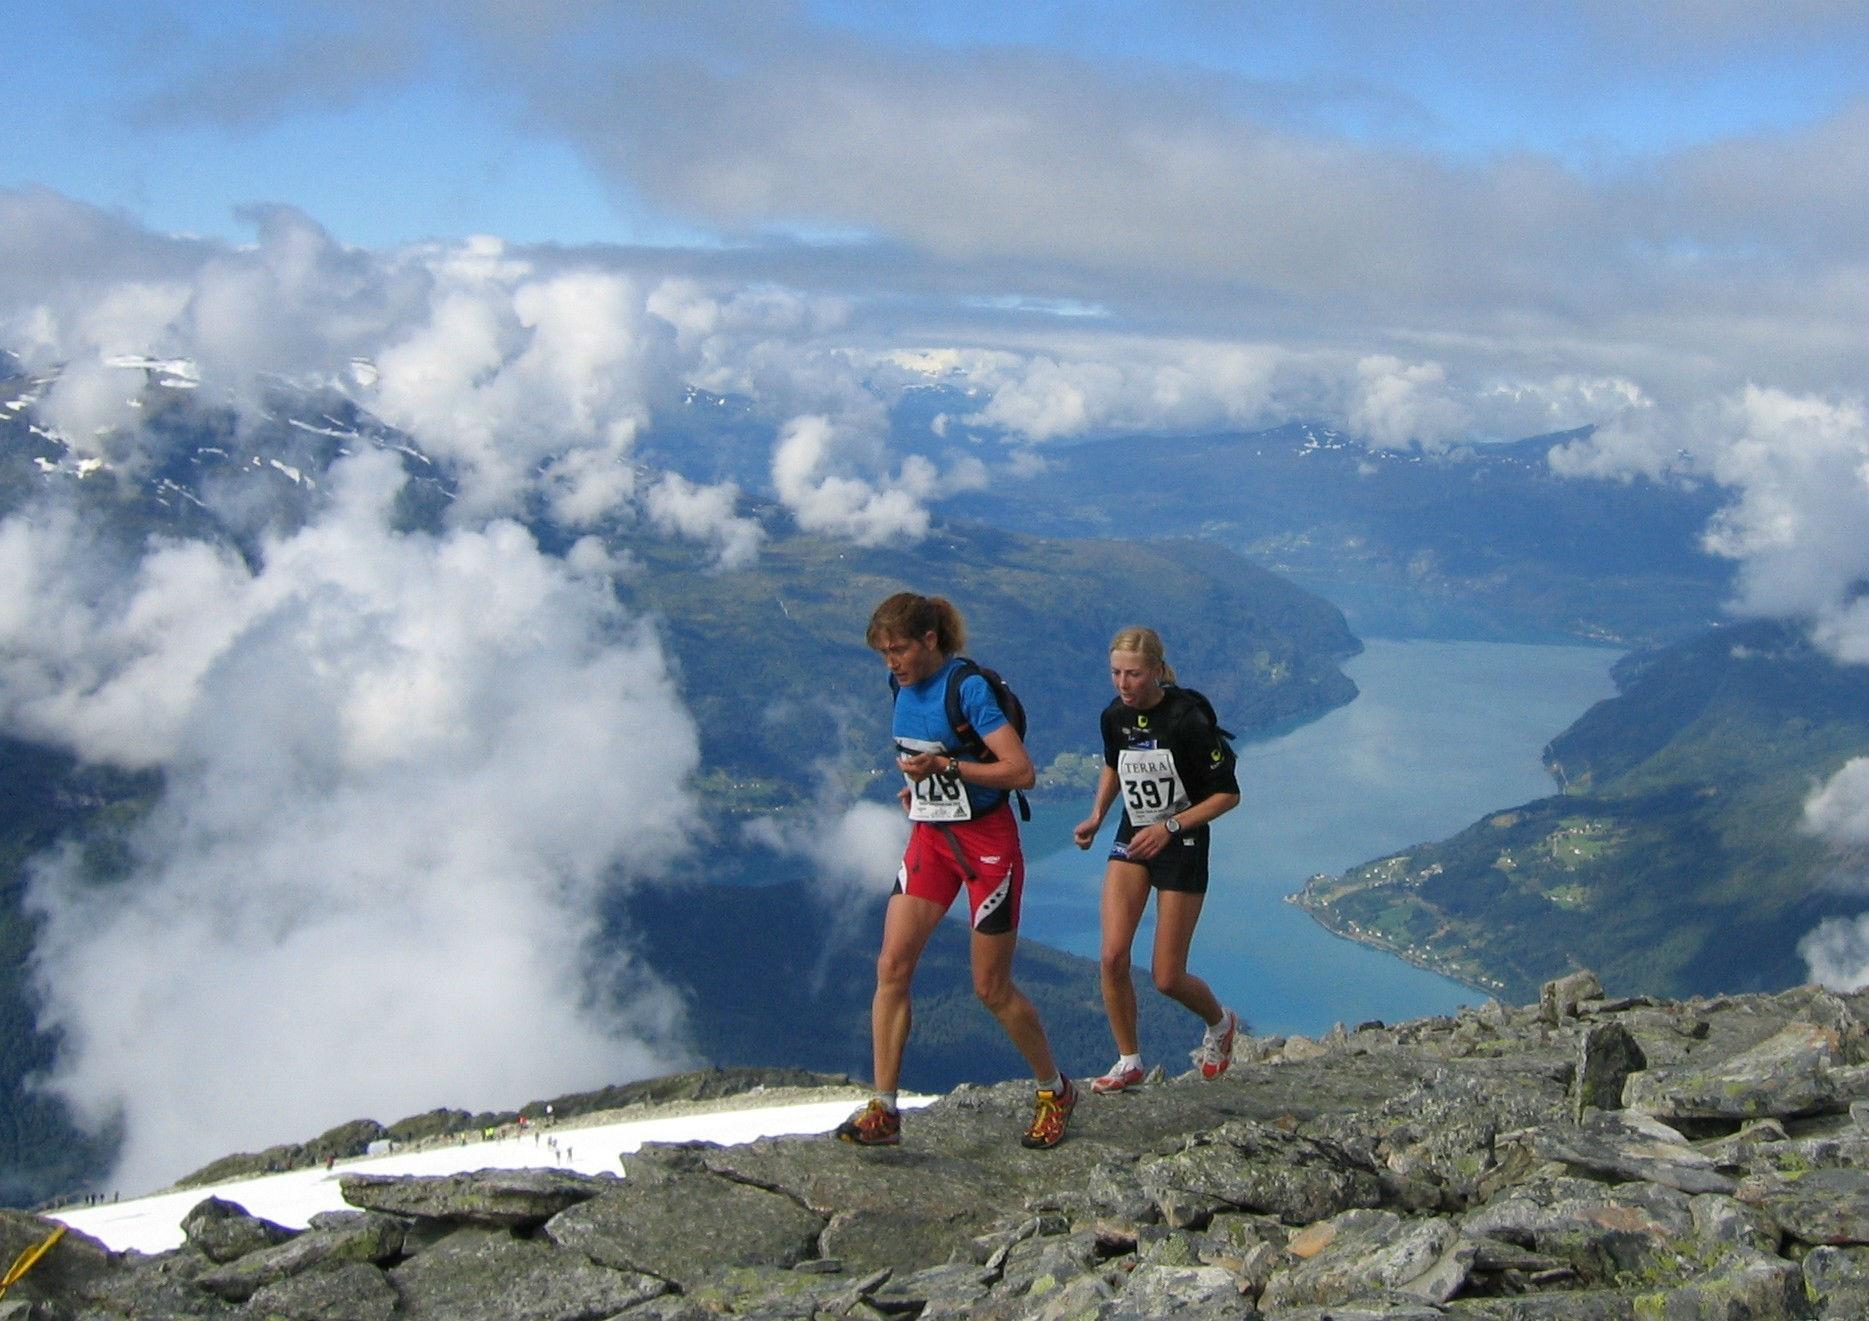 ANITA HAAKENSTAD EVERTSEN, NORWAY